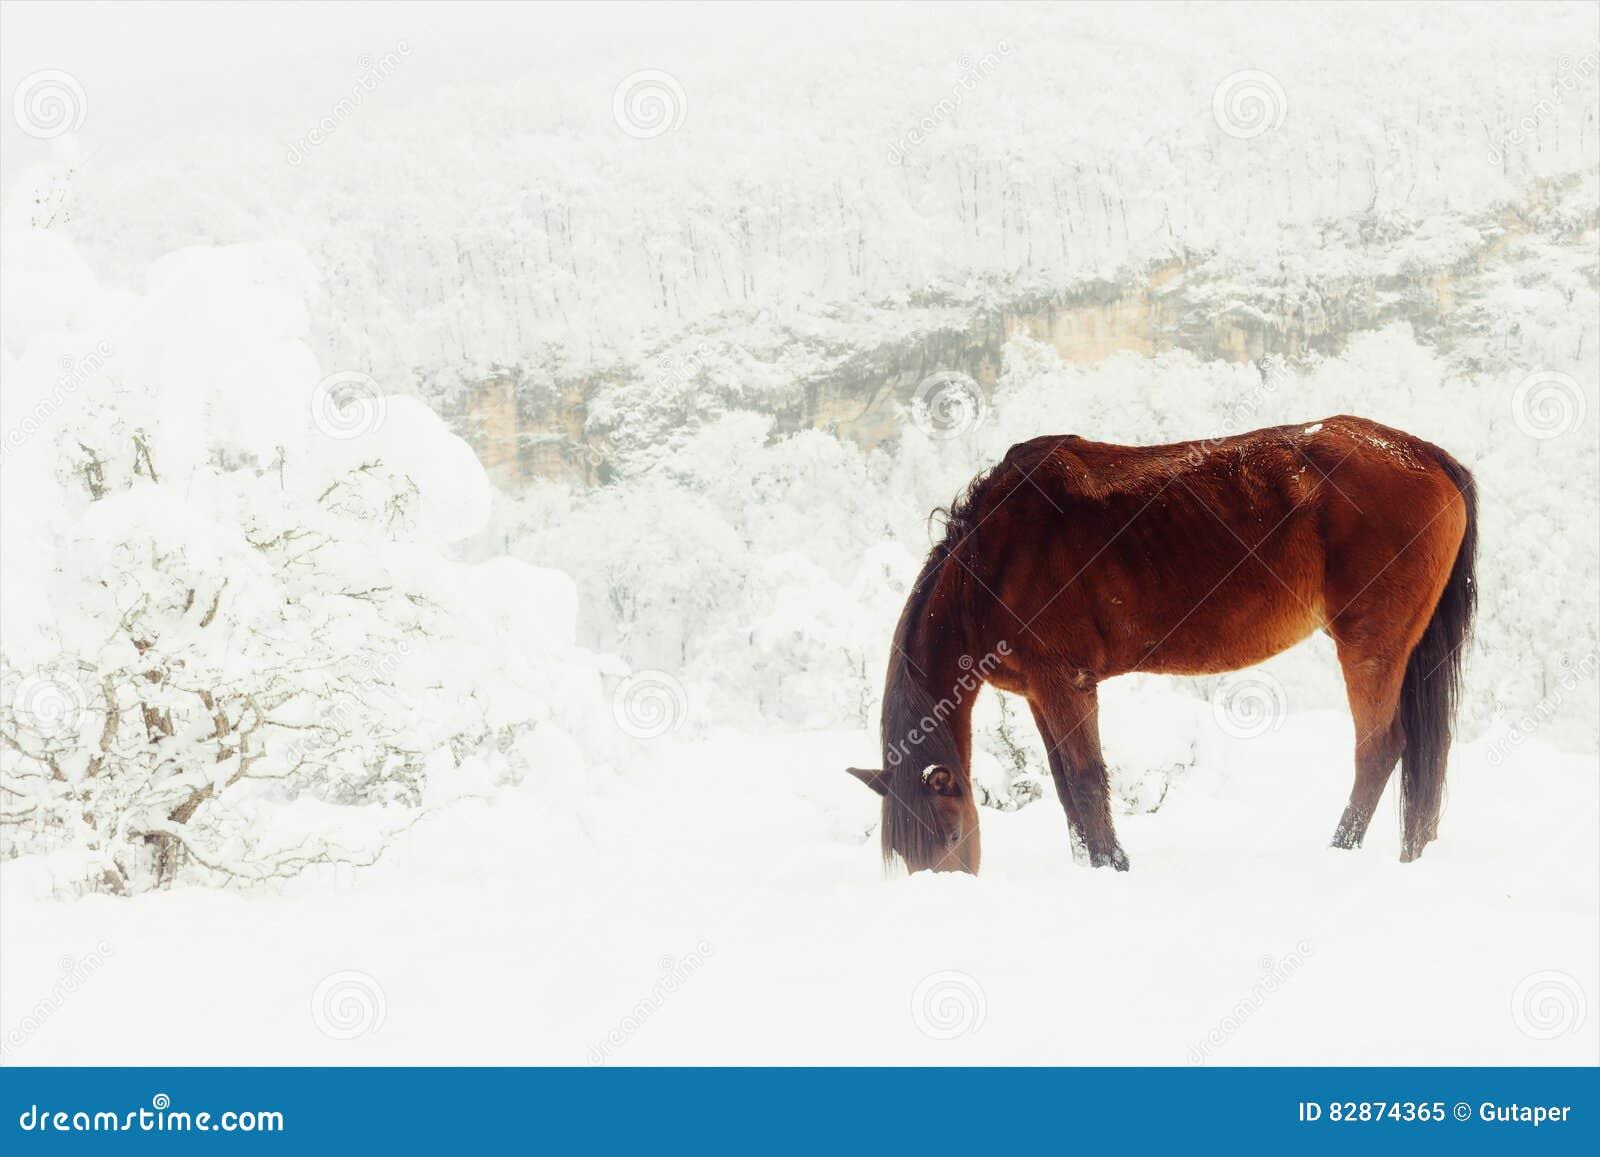 Το κόκκινο άλογο κερδίζει το provender τους από κάτω από το χιόνι σε ένα λιβάδι βουνών